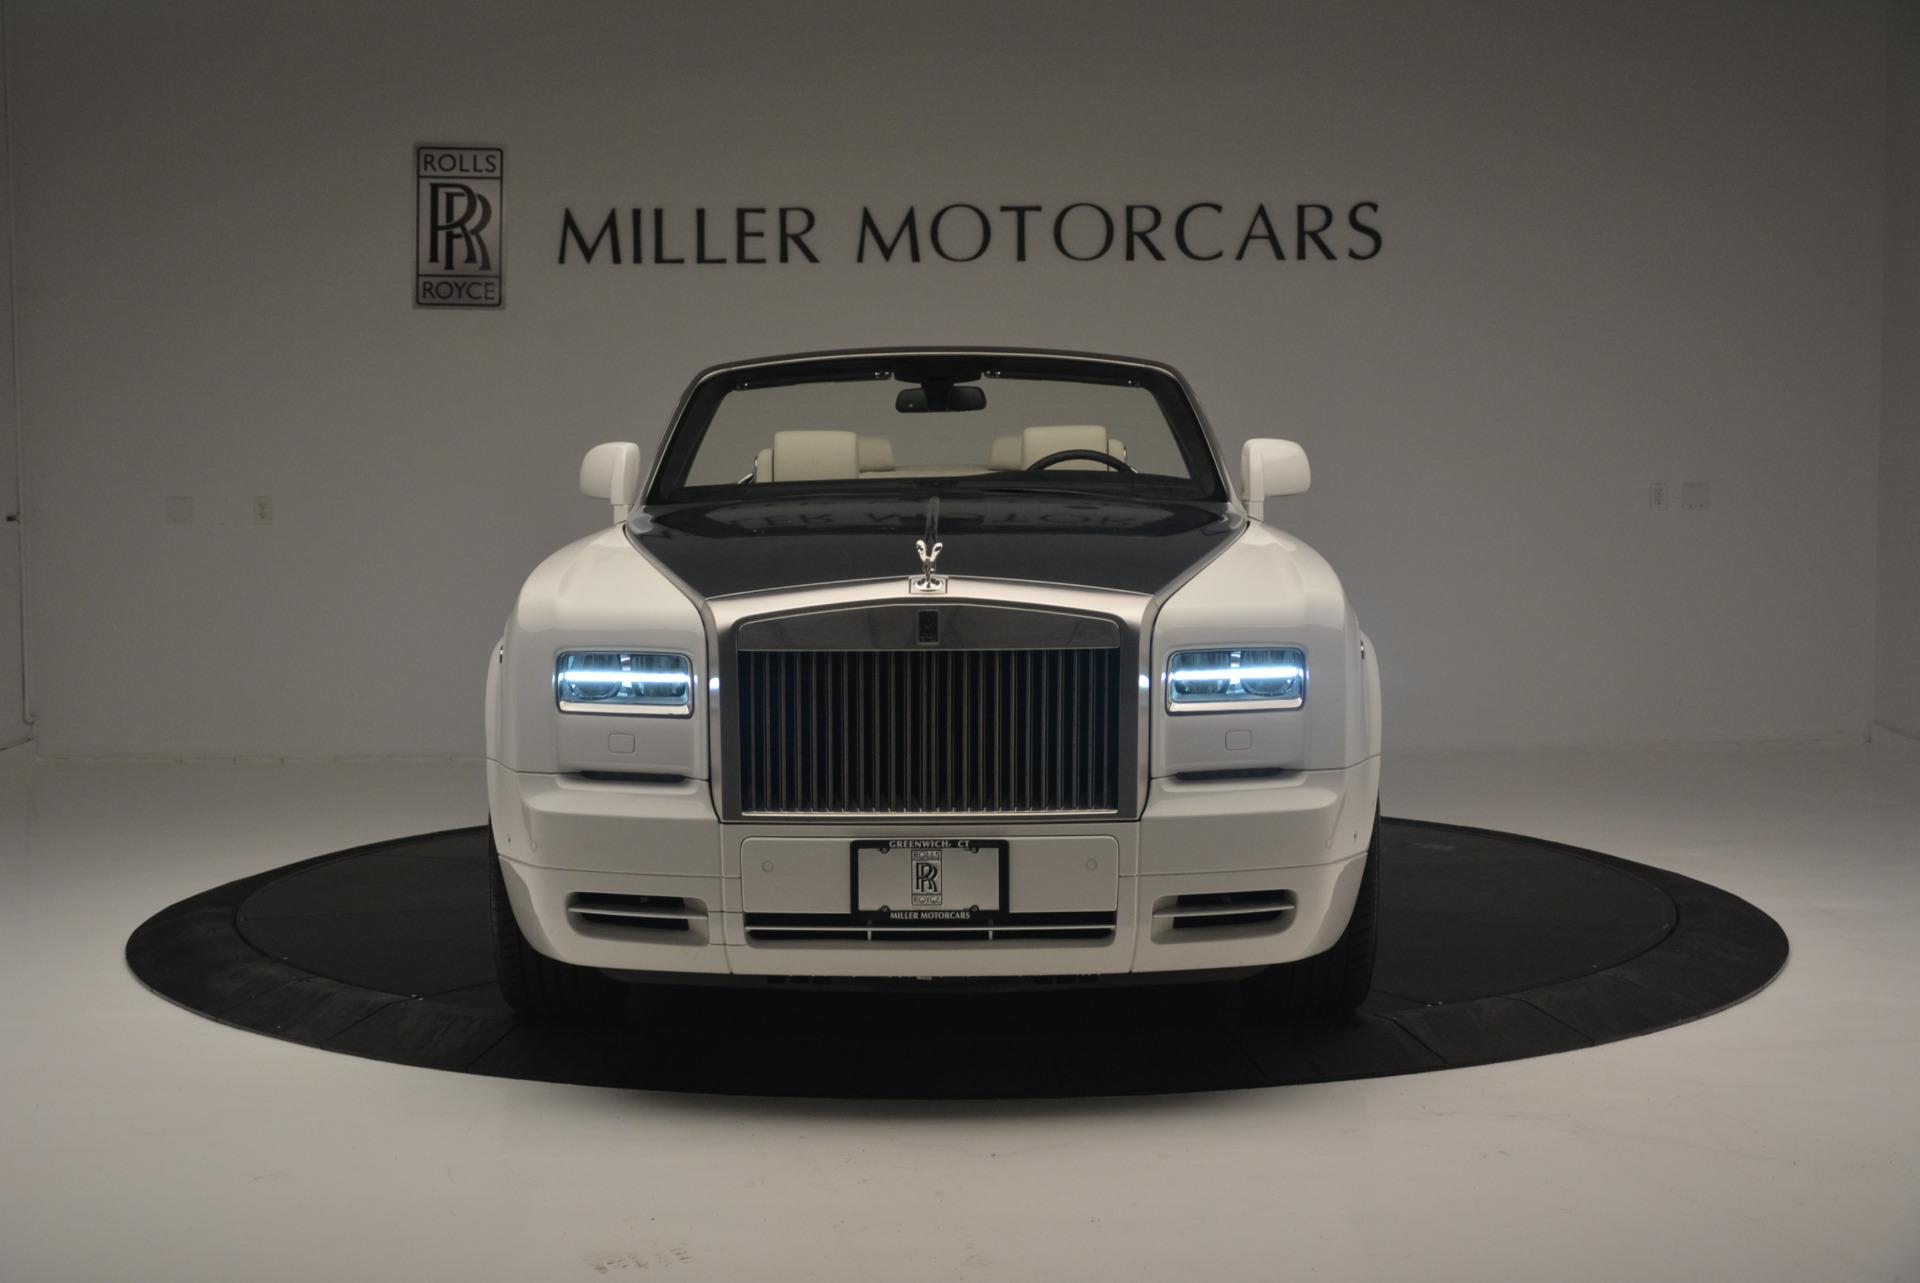 Used 2013 Rolls-Royce Phantom Drophead Coupe  For Sale In Westport, CT 2444_p8